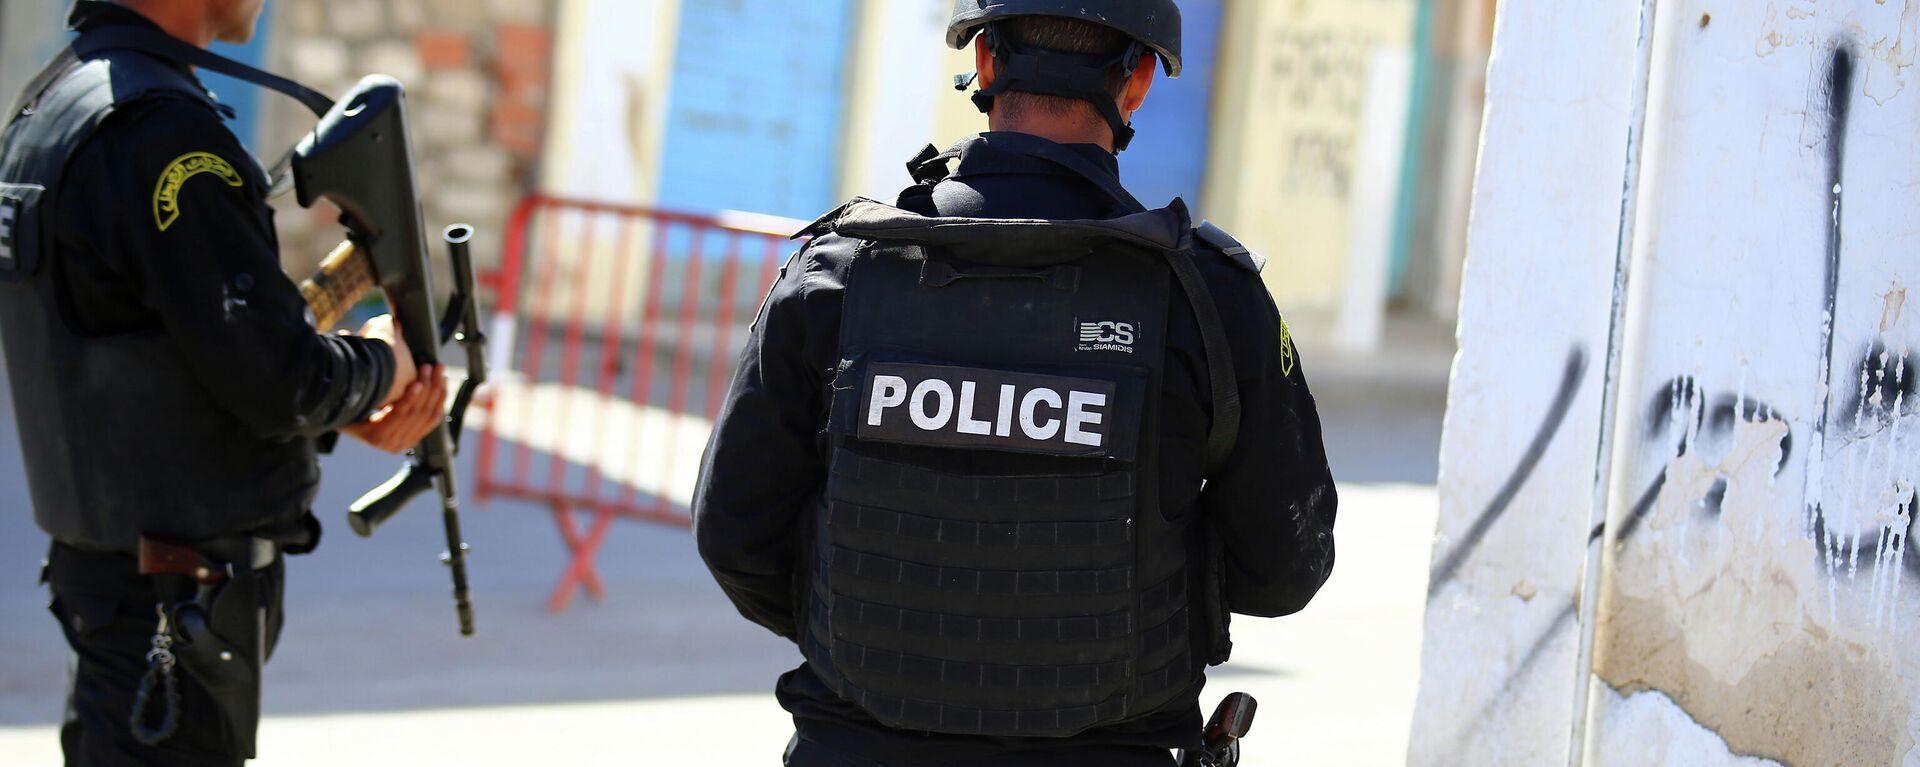 Polizei in Tunesien - SNA, 1920, 02.04.2021